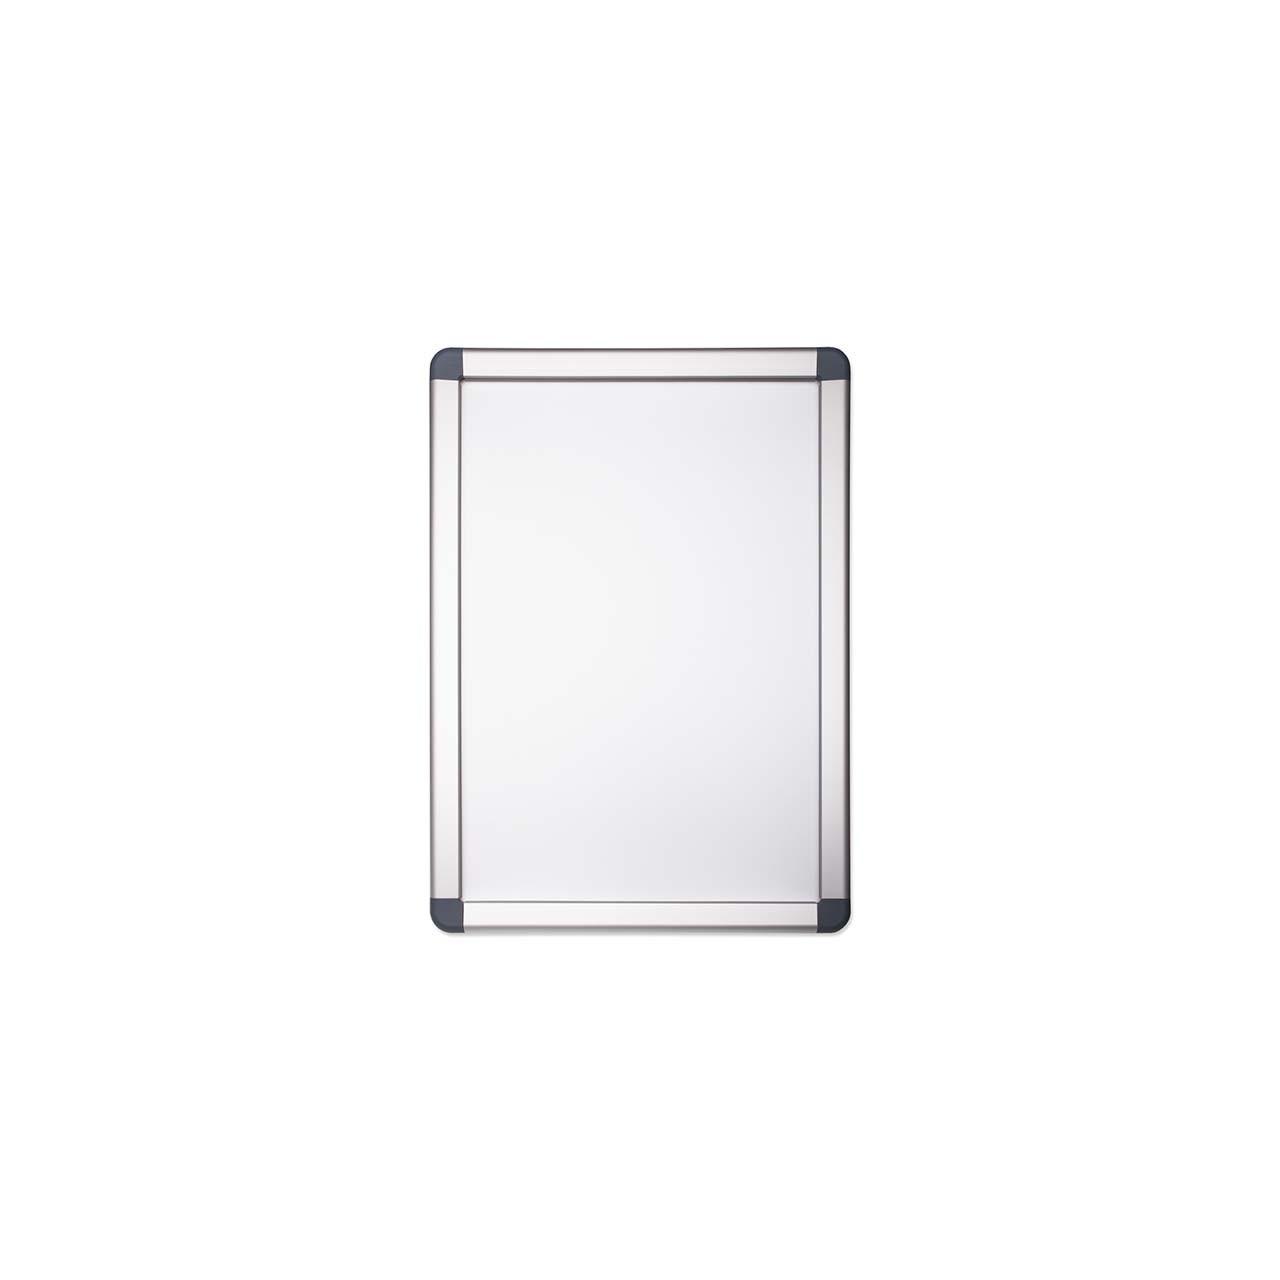 Alu-Plakatrahmen DIN A2 (420 x 594 mm) | Plakatrahmen DIN A2 ...